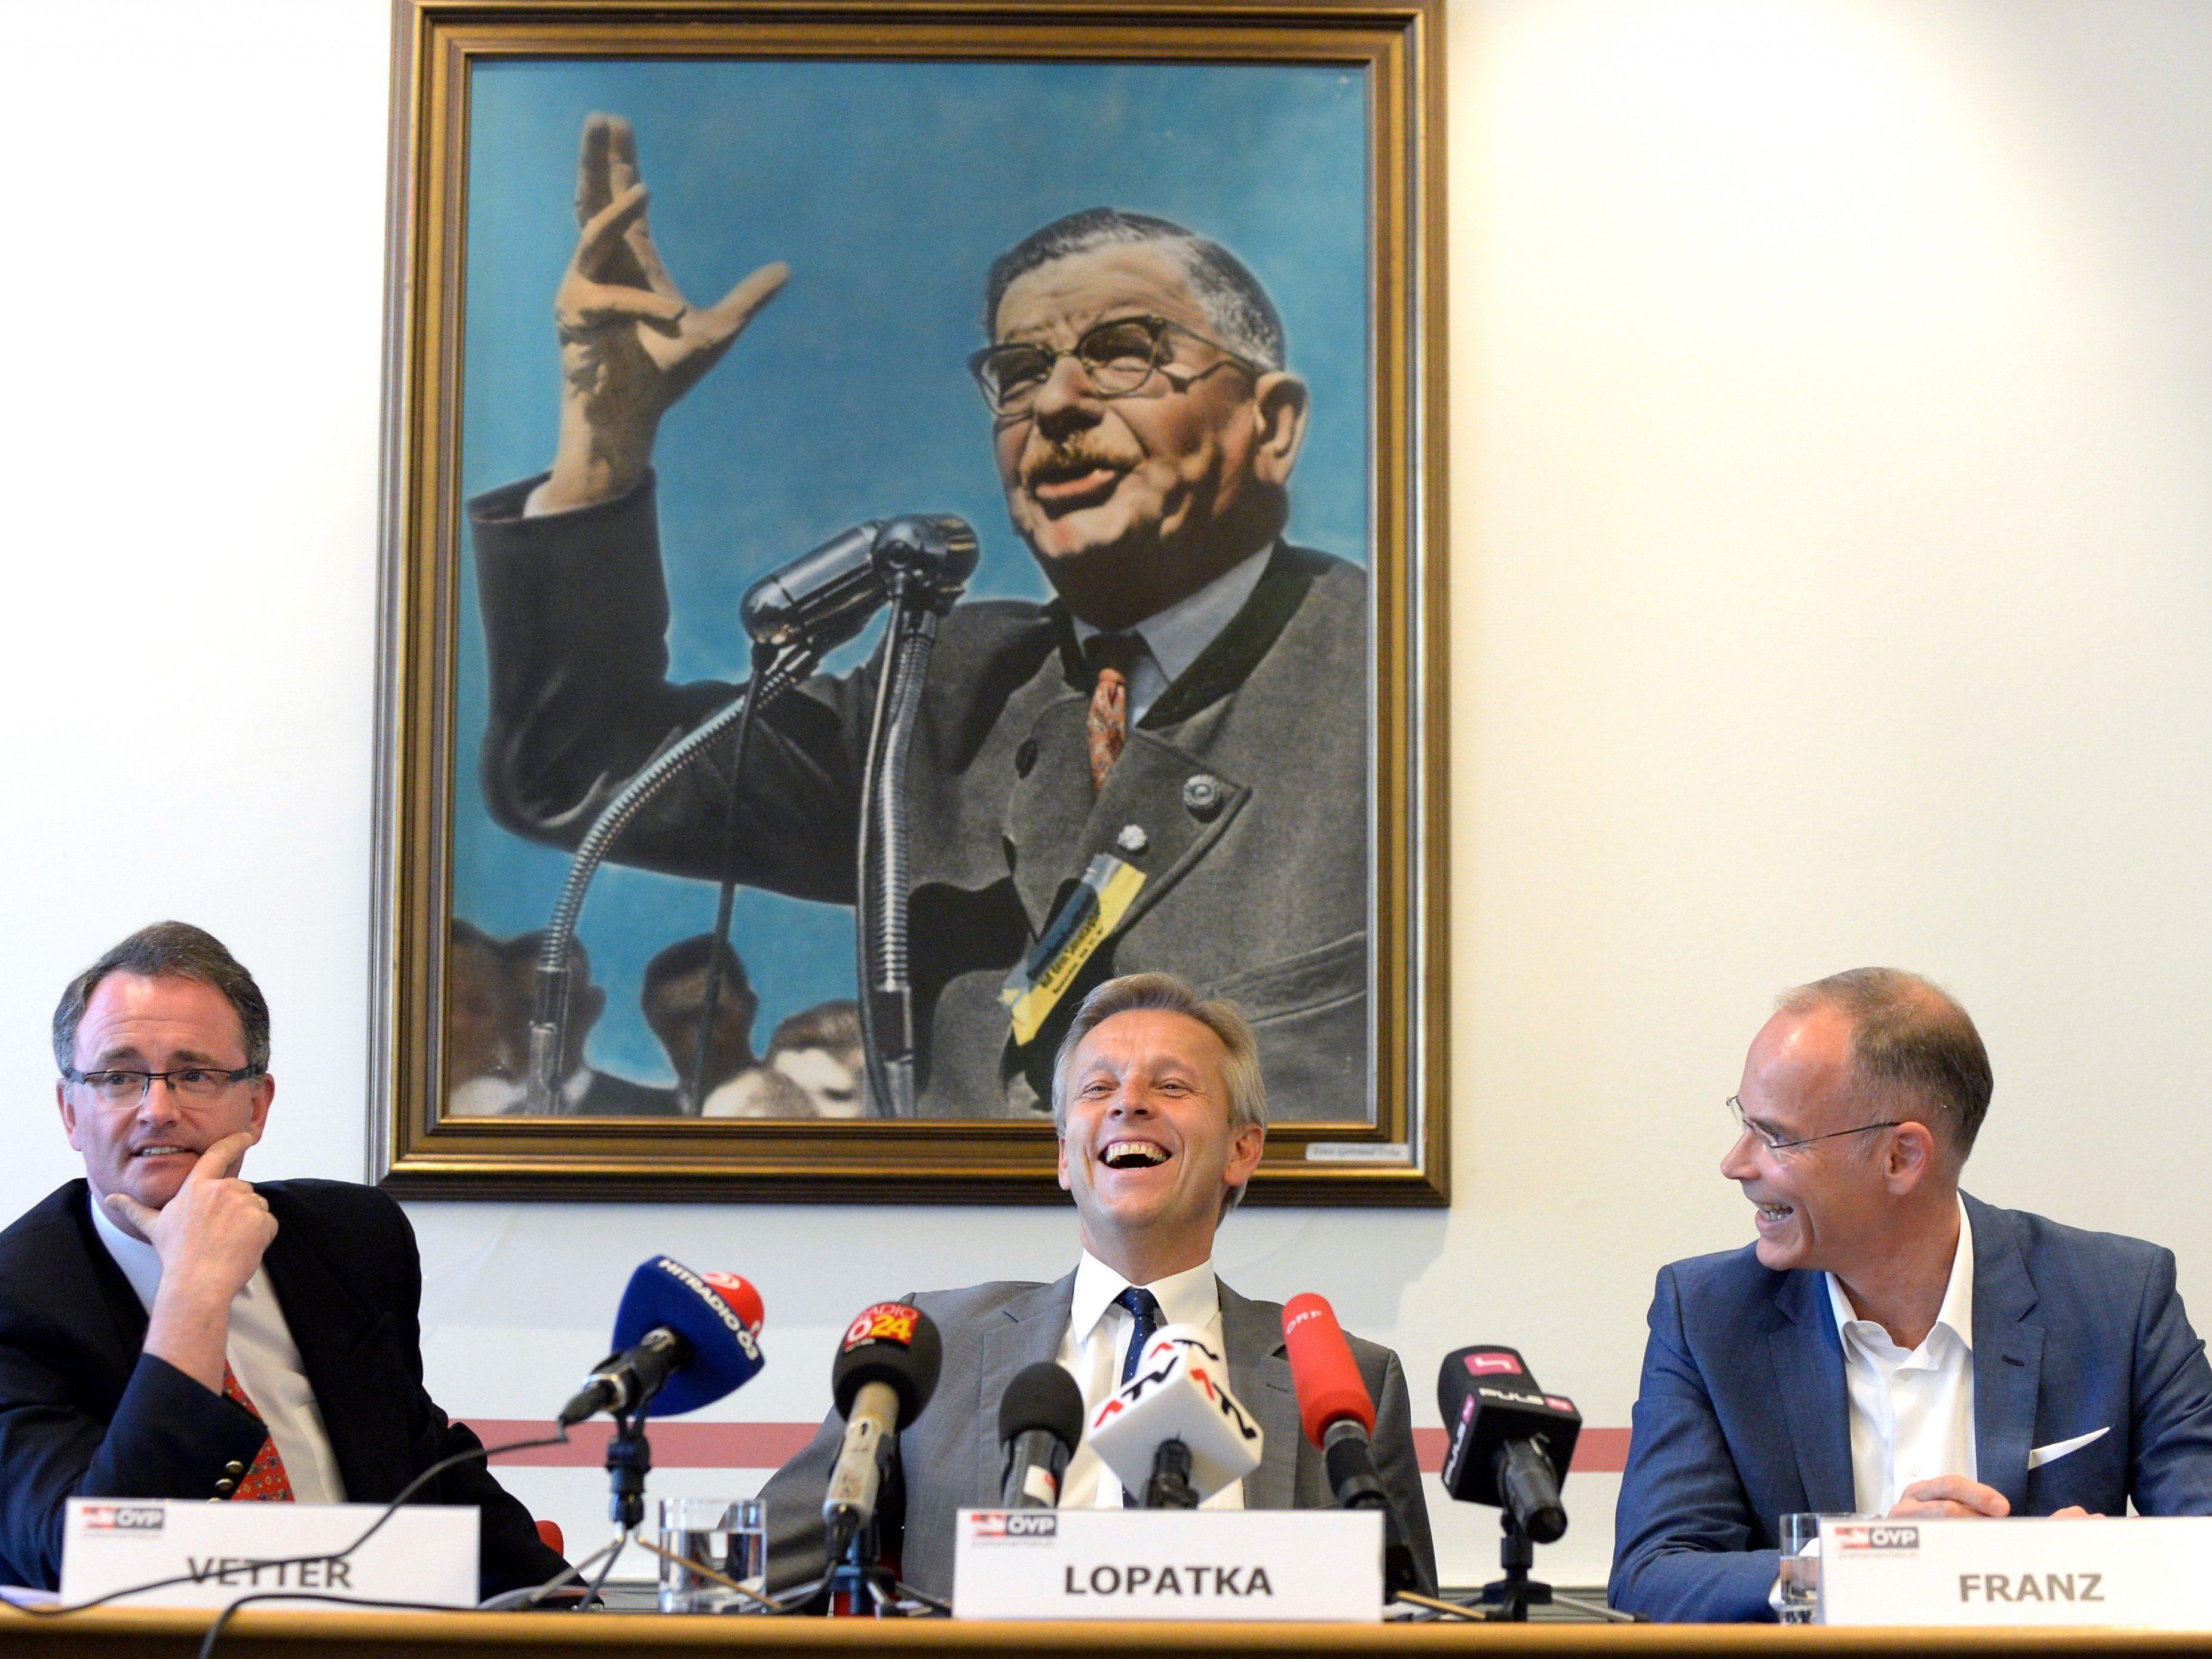 """Georg Vetter, ÖVP-Klubobmann Reinhold Lopatka und Marcus Franz anlässlich der PK unter dem Titel """"Willkommen im Klub der ÖVP"""" ."""